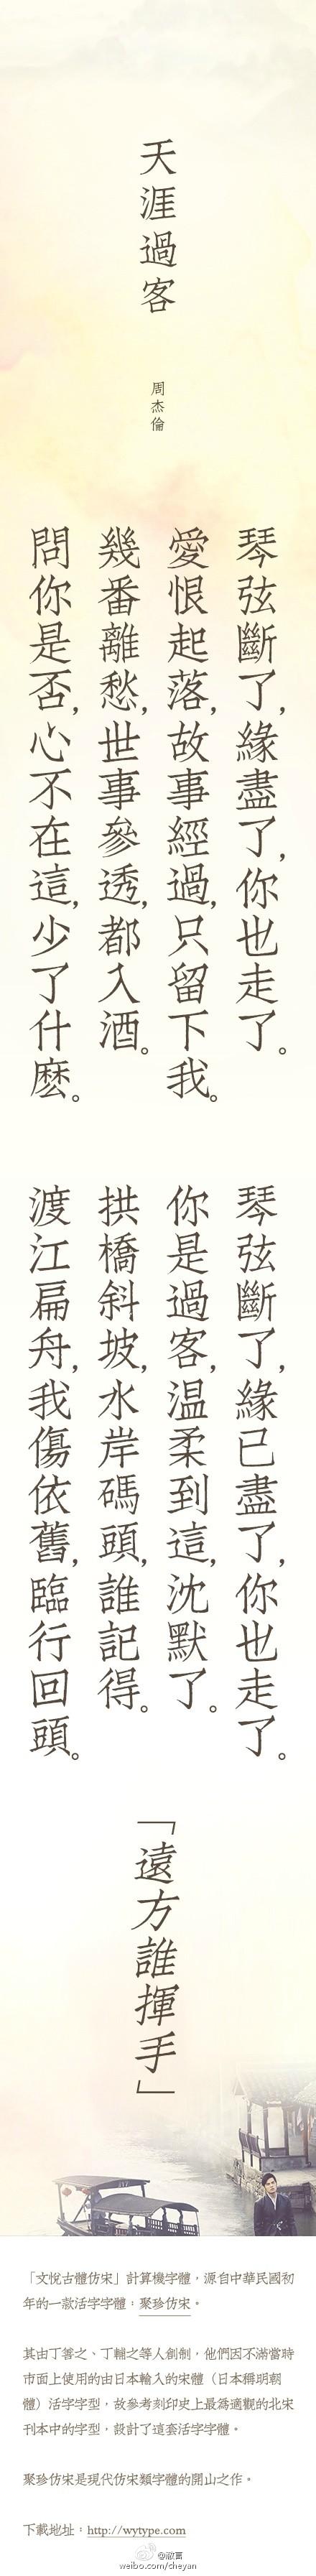 新中文计算机字体 文悦古体仿宋正式发布